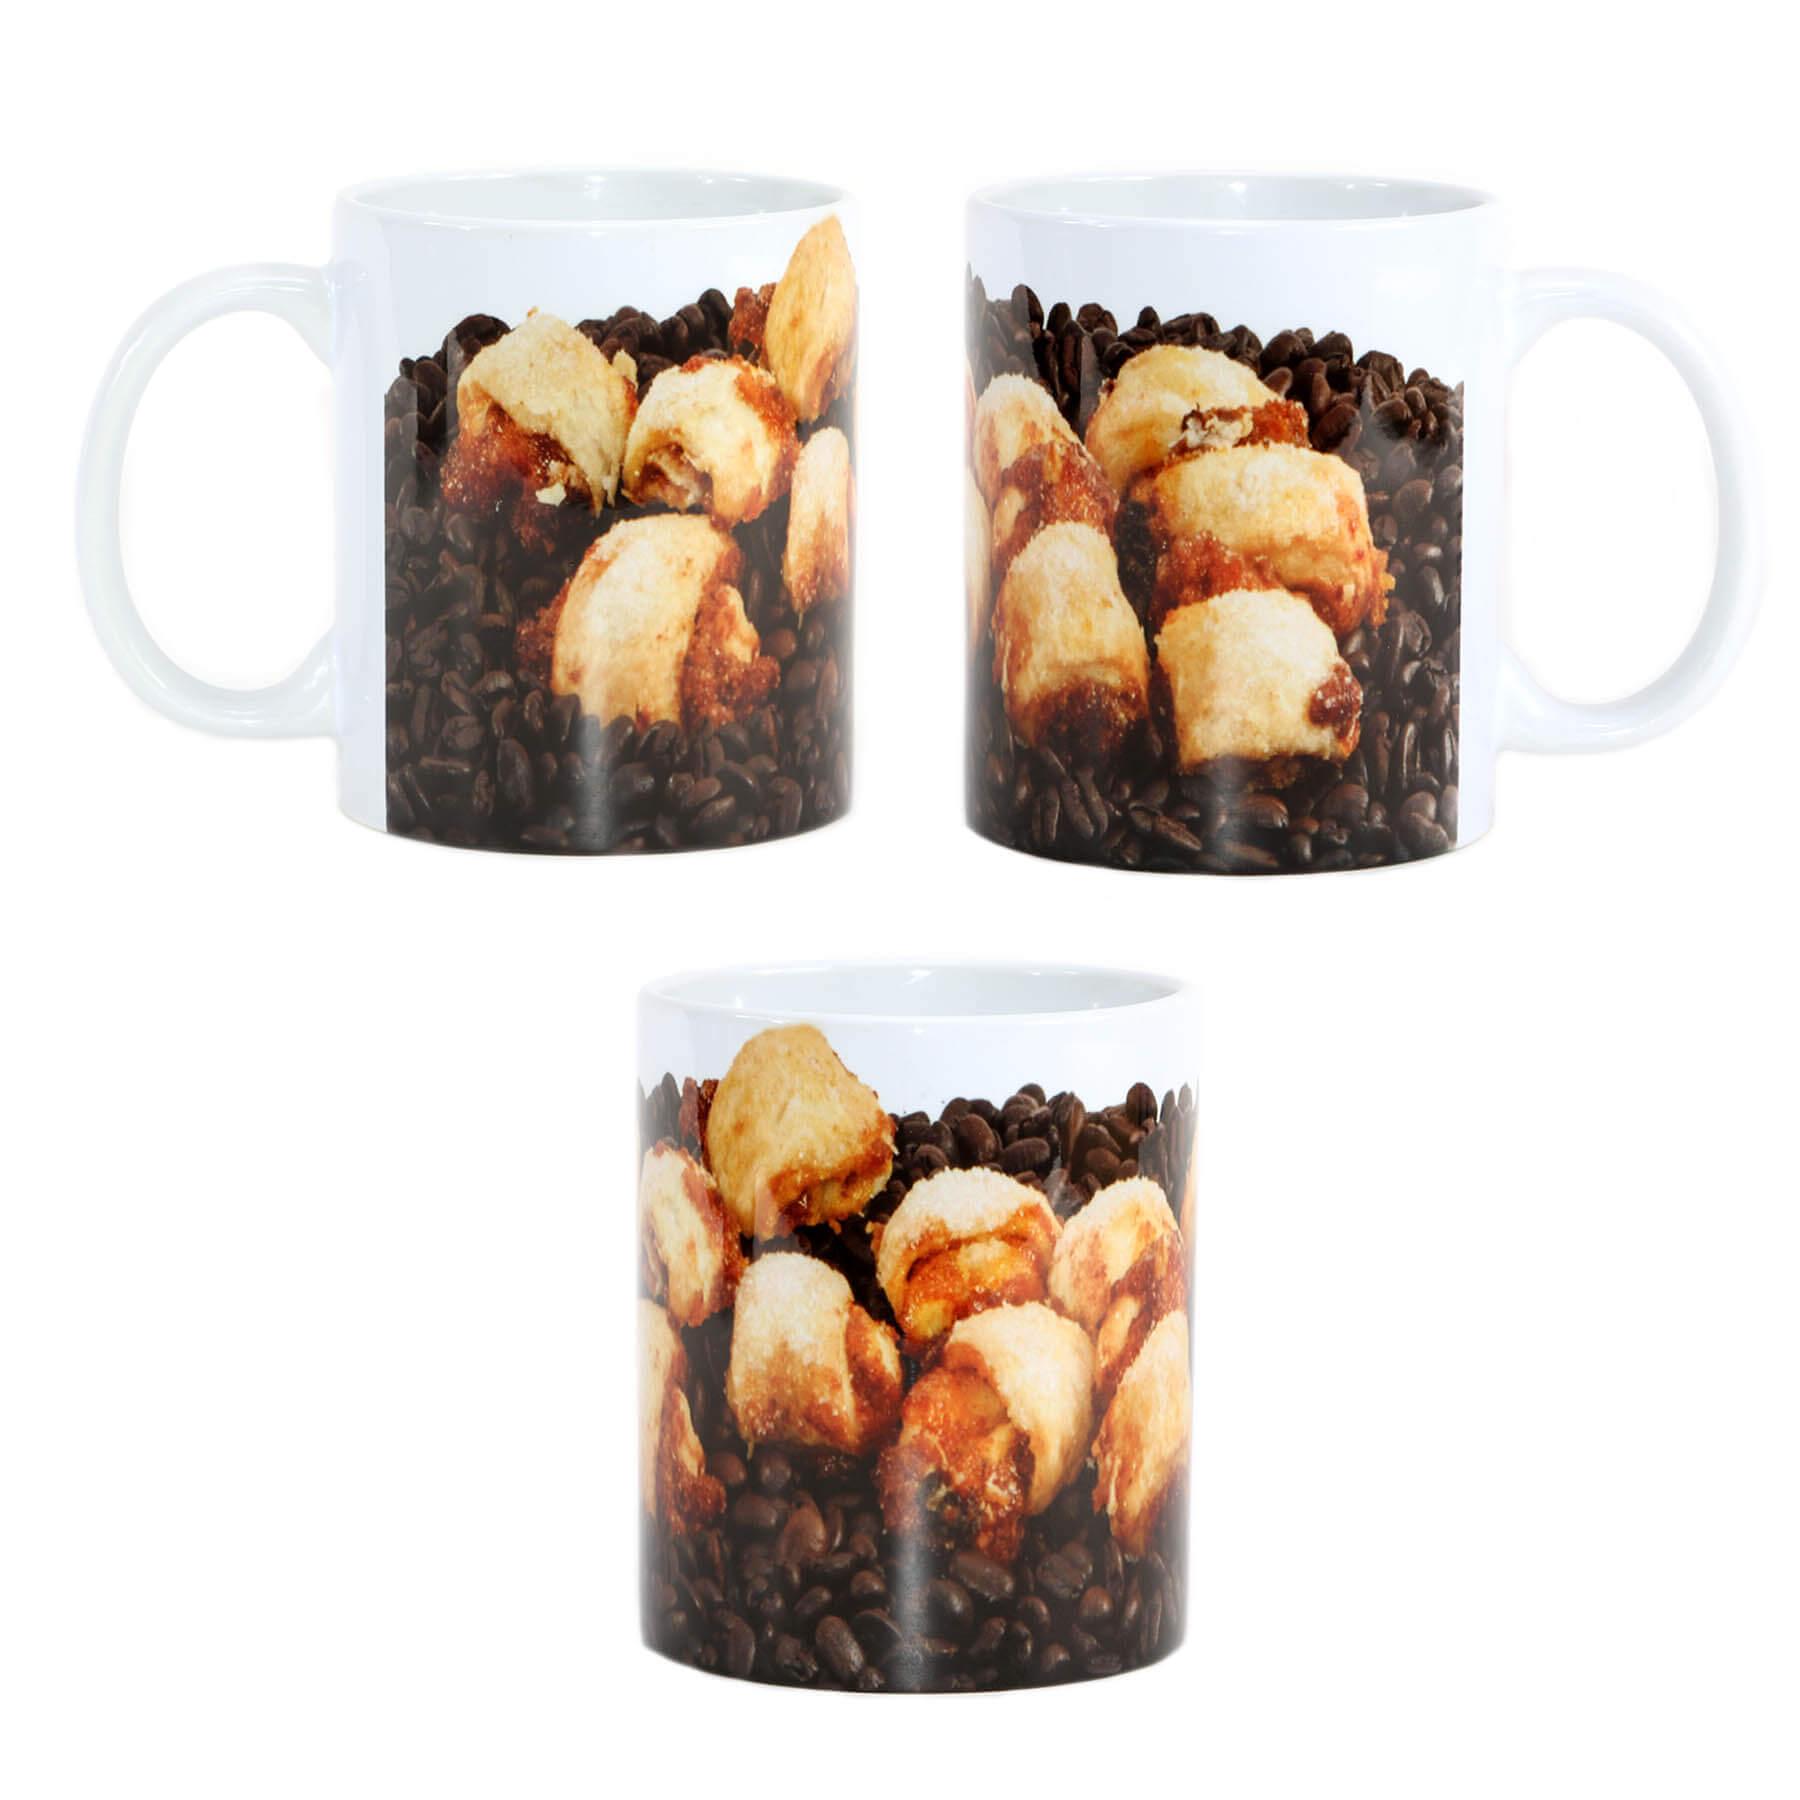 Rugelach & Coffee Mug